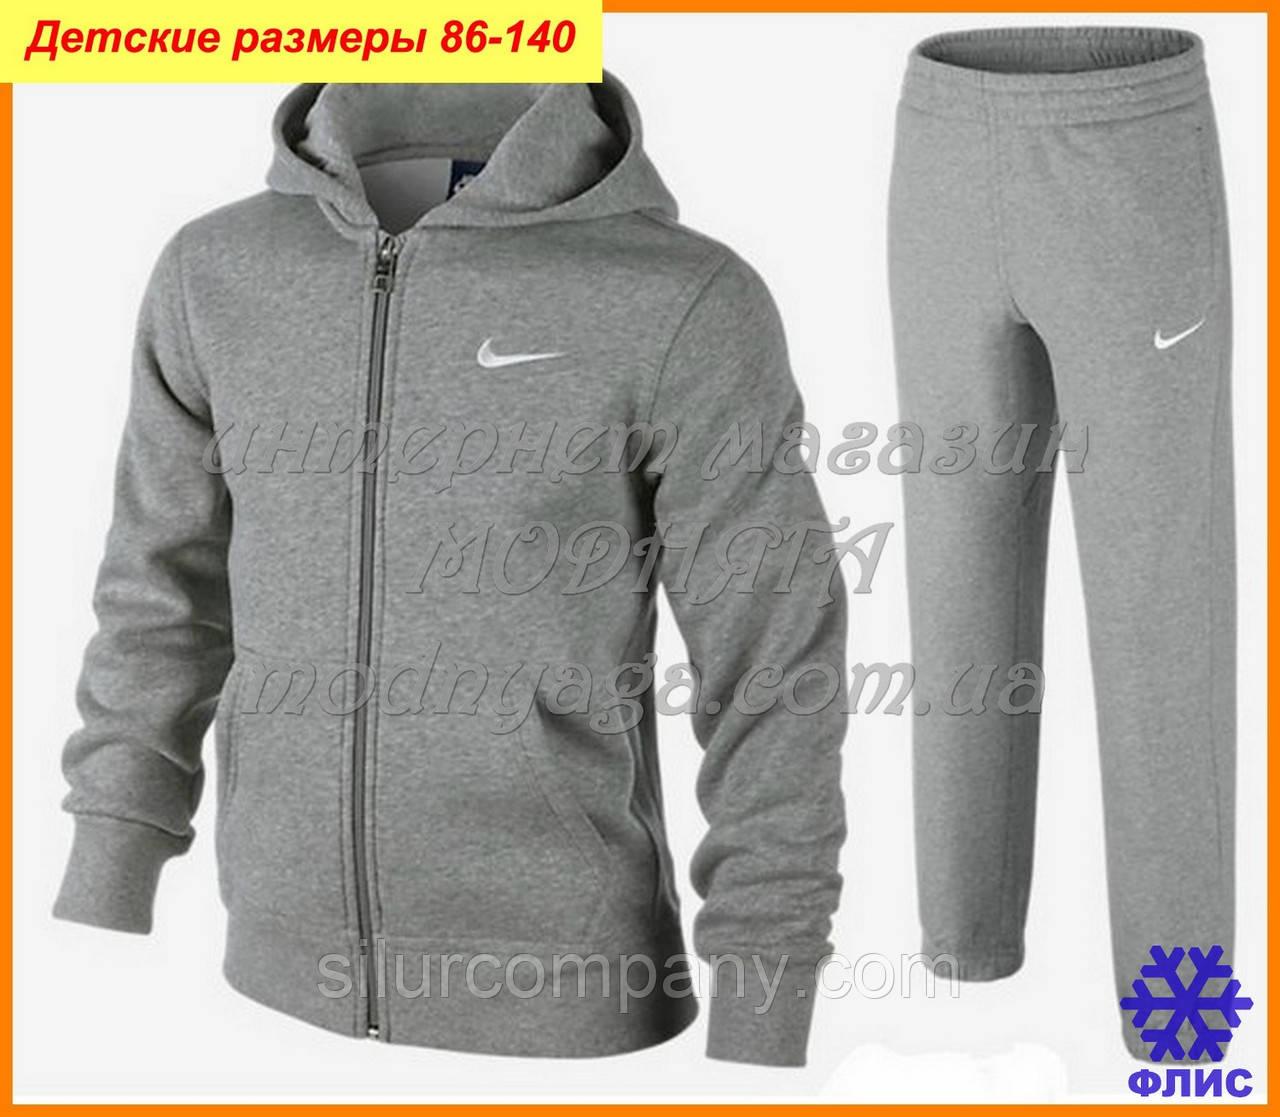 2a7b076c623e Утепленный костюм найк   nike детский - Интернет магазин